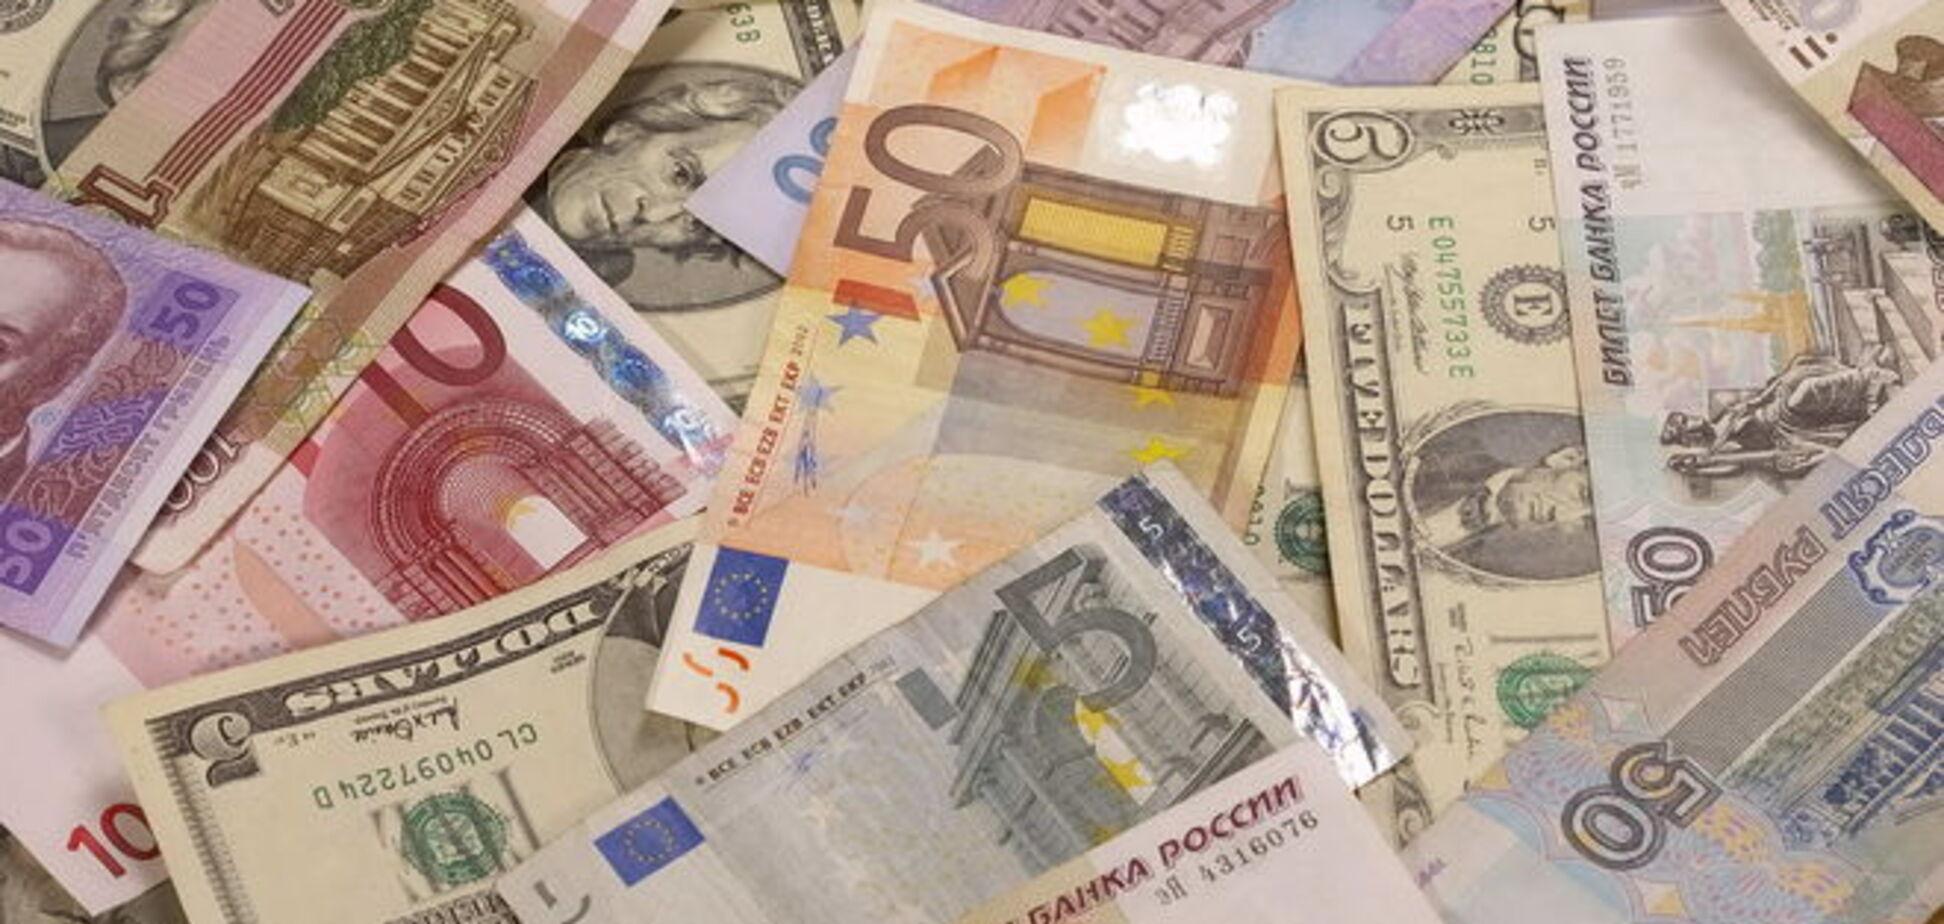 Розкрито схему переказу грошей з Росії терористам 'ДНР'